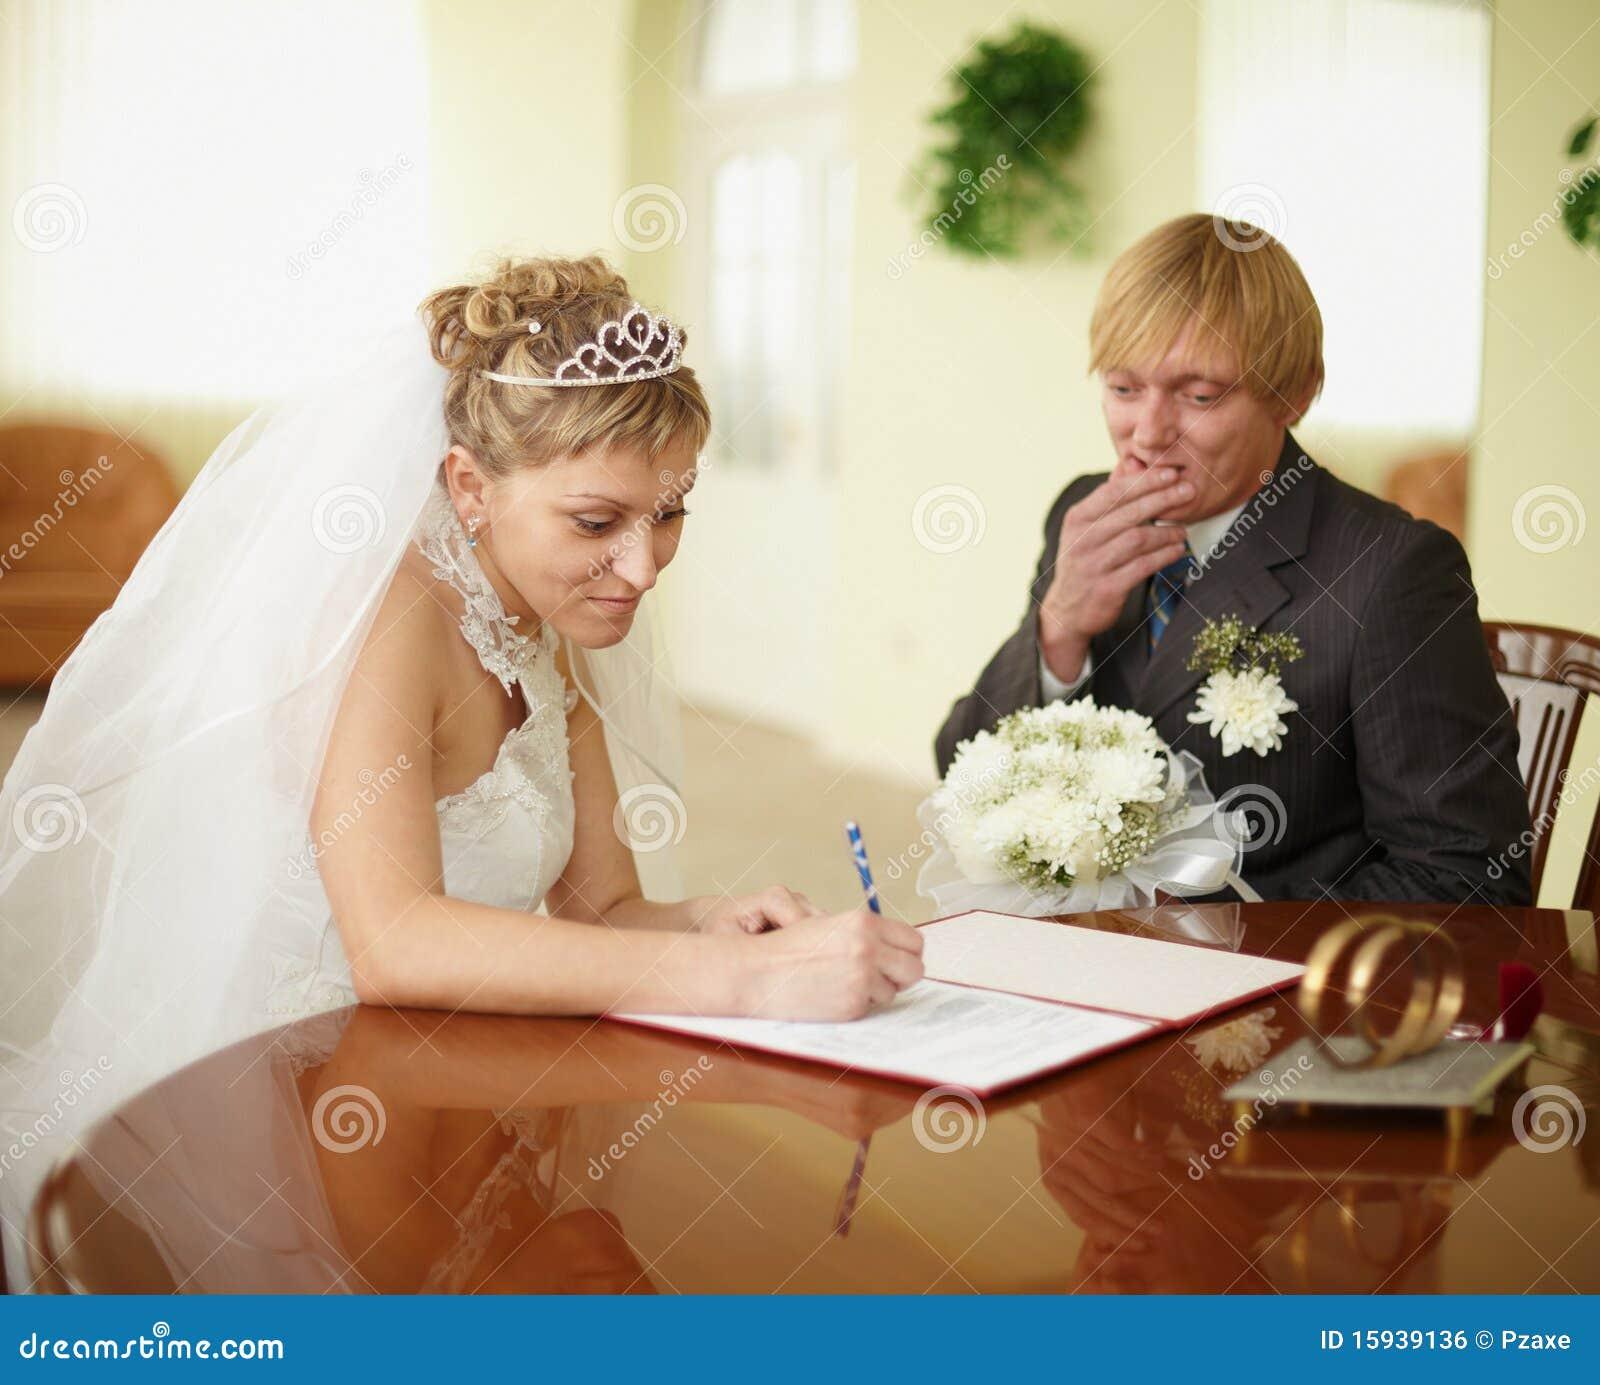 Registro dell unione. Sposo in dubbio.